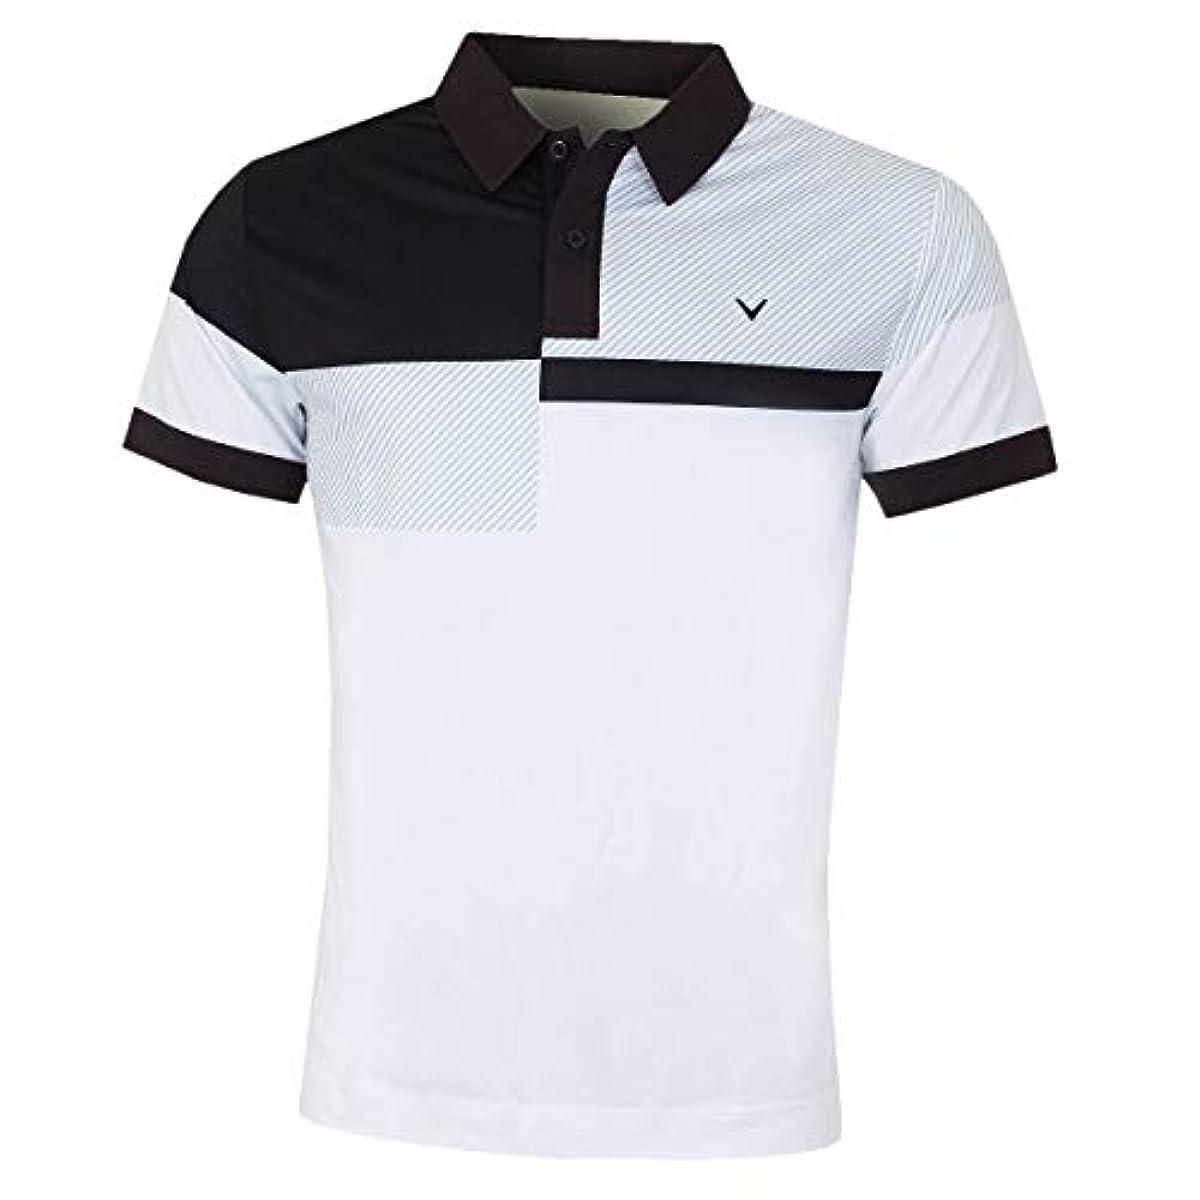 [해외] CALLAWAY 골프 2019 맨즈 리니어 체스토 블럭 드 OPTI-DRI 스트레치 골프 폴로 셔츠 X-LARGE